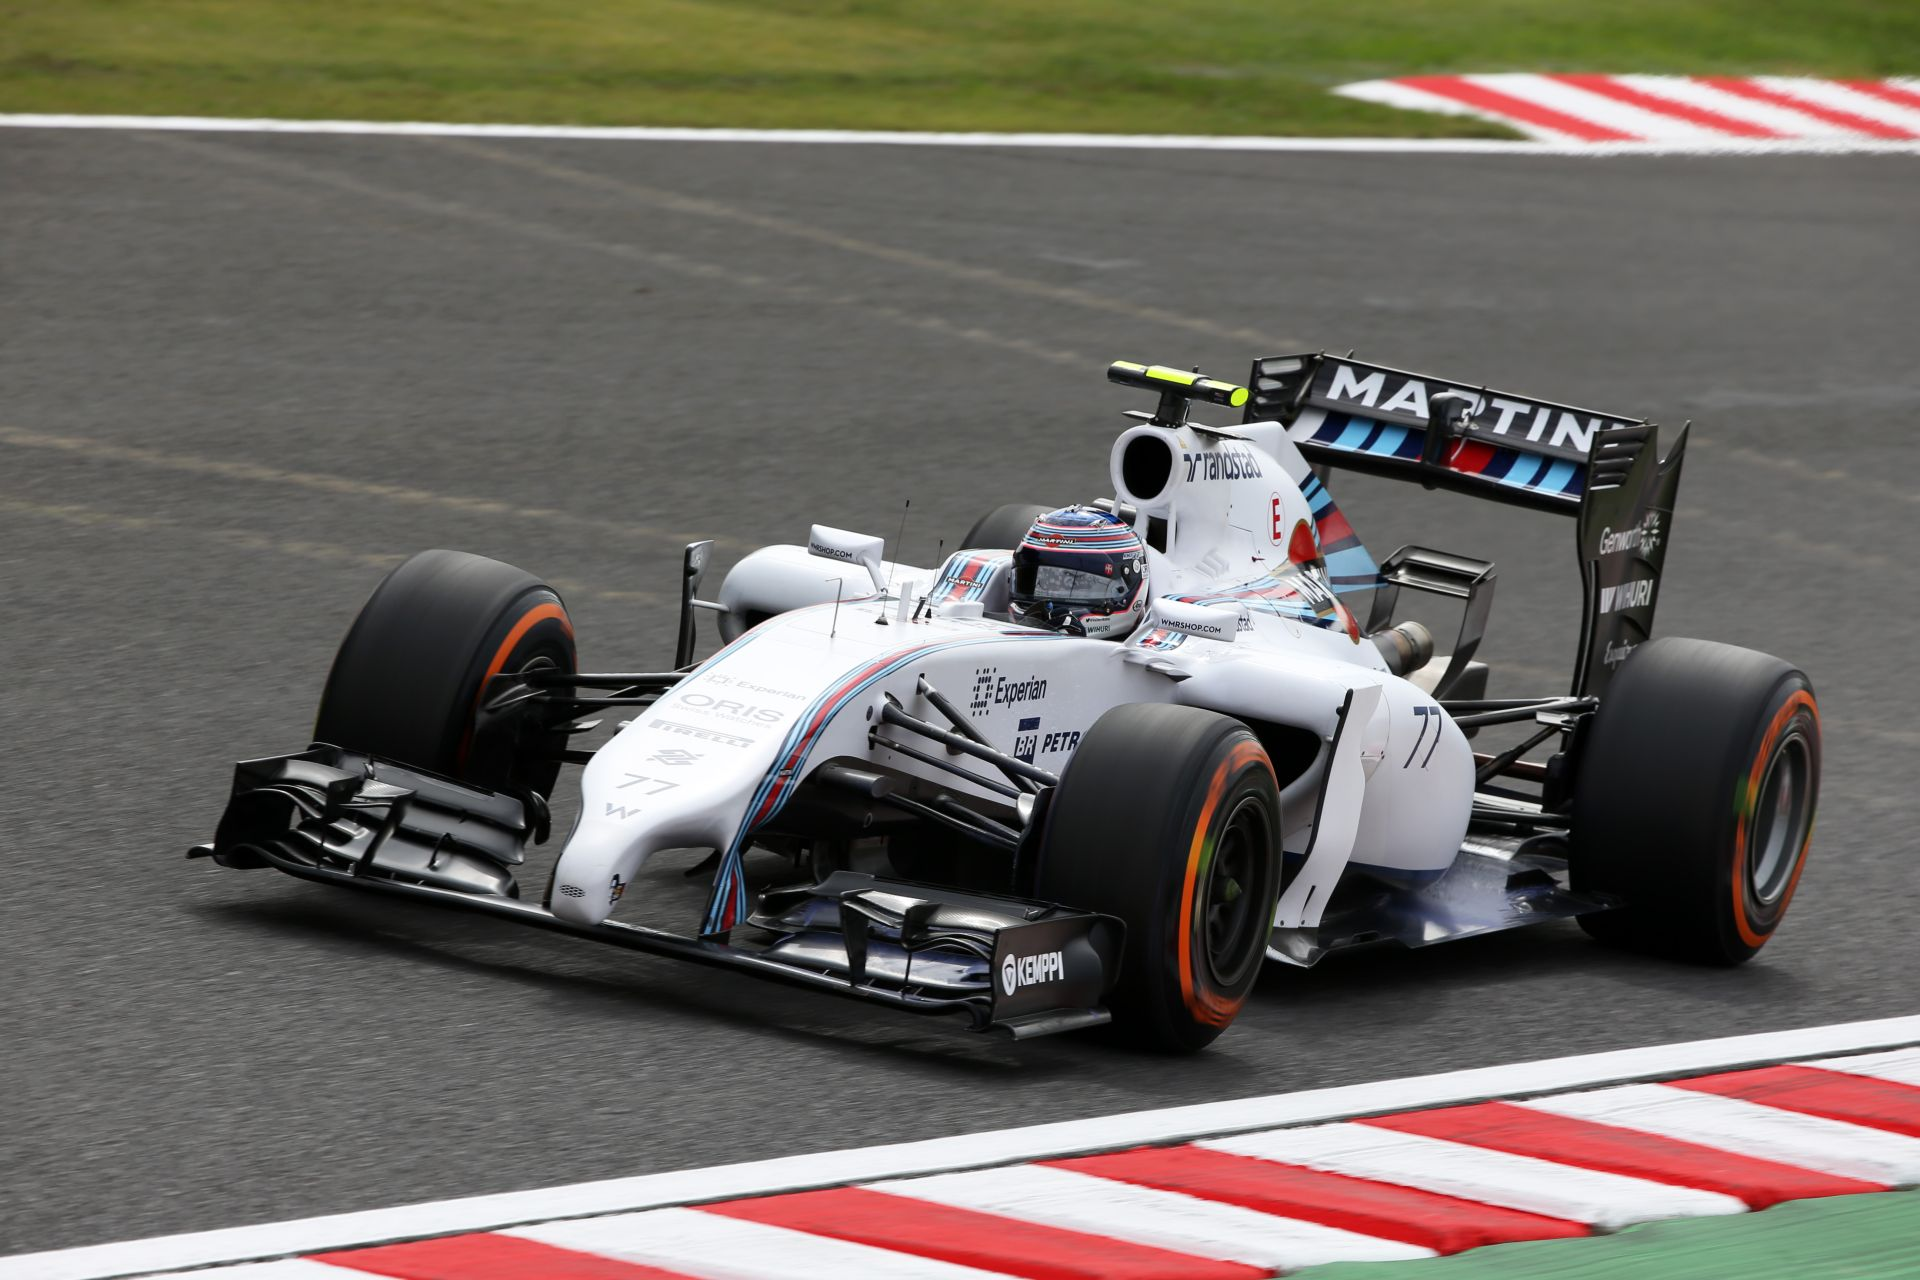 Bottas megfeszült a Williams volánja mögött, de így is messze volt a Mercedes